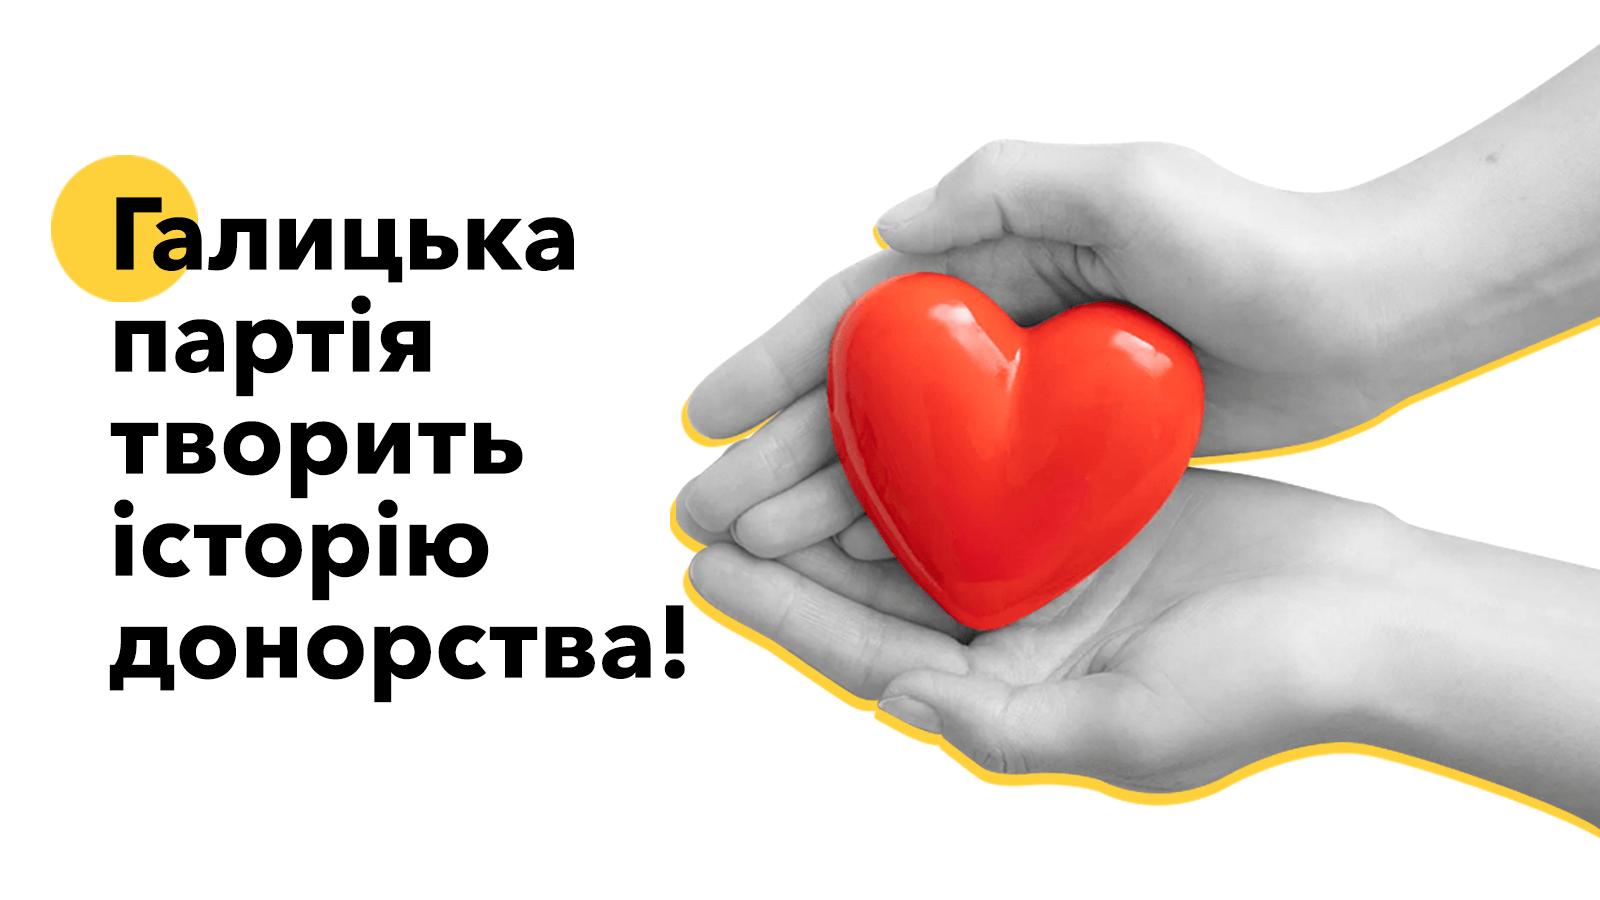 Команда УГП провела акцію популяризації донорства. Здали майже 15 літрів крові (ФОТО)